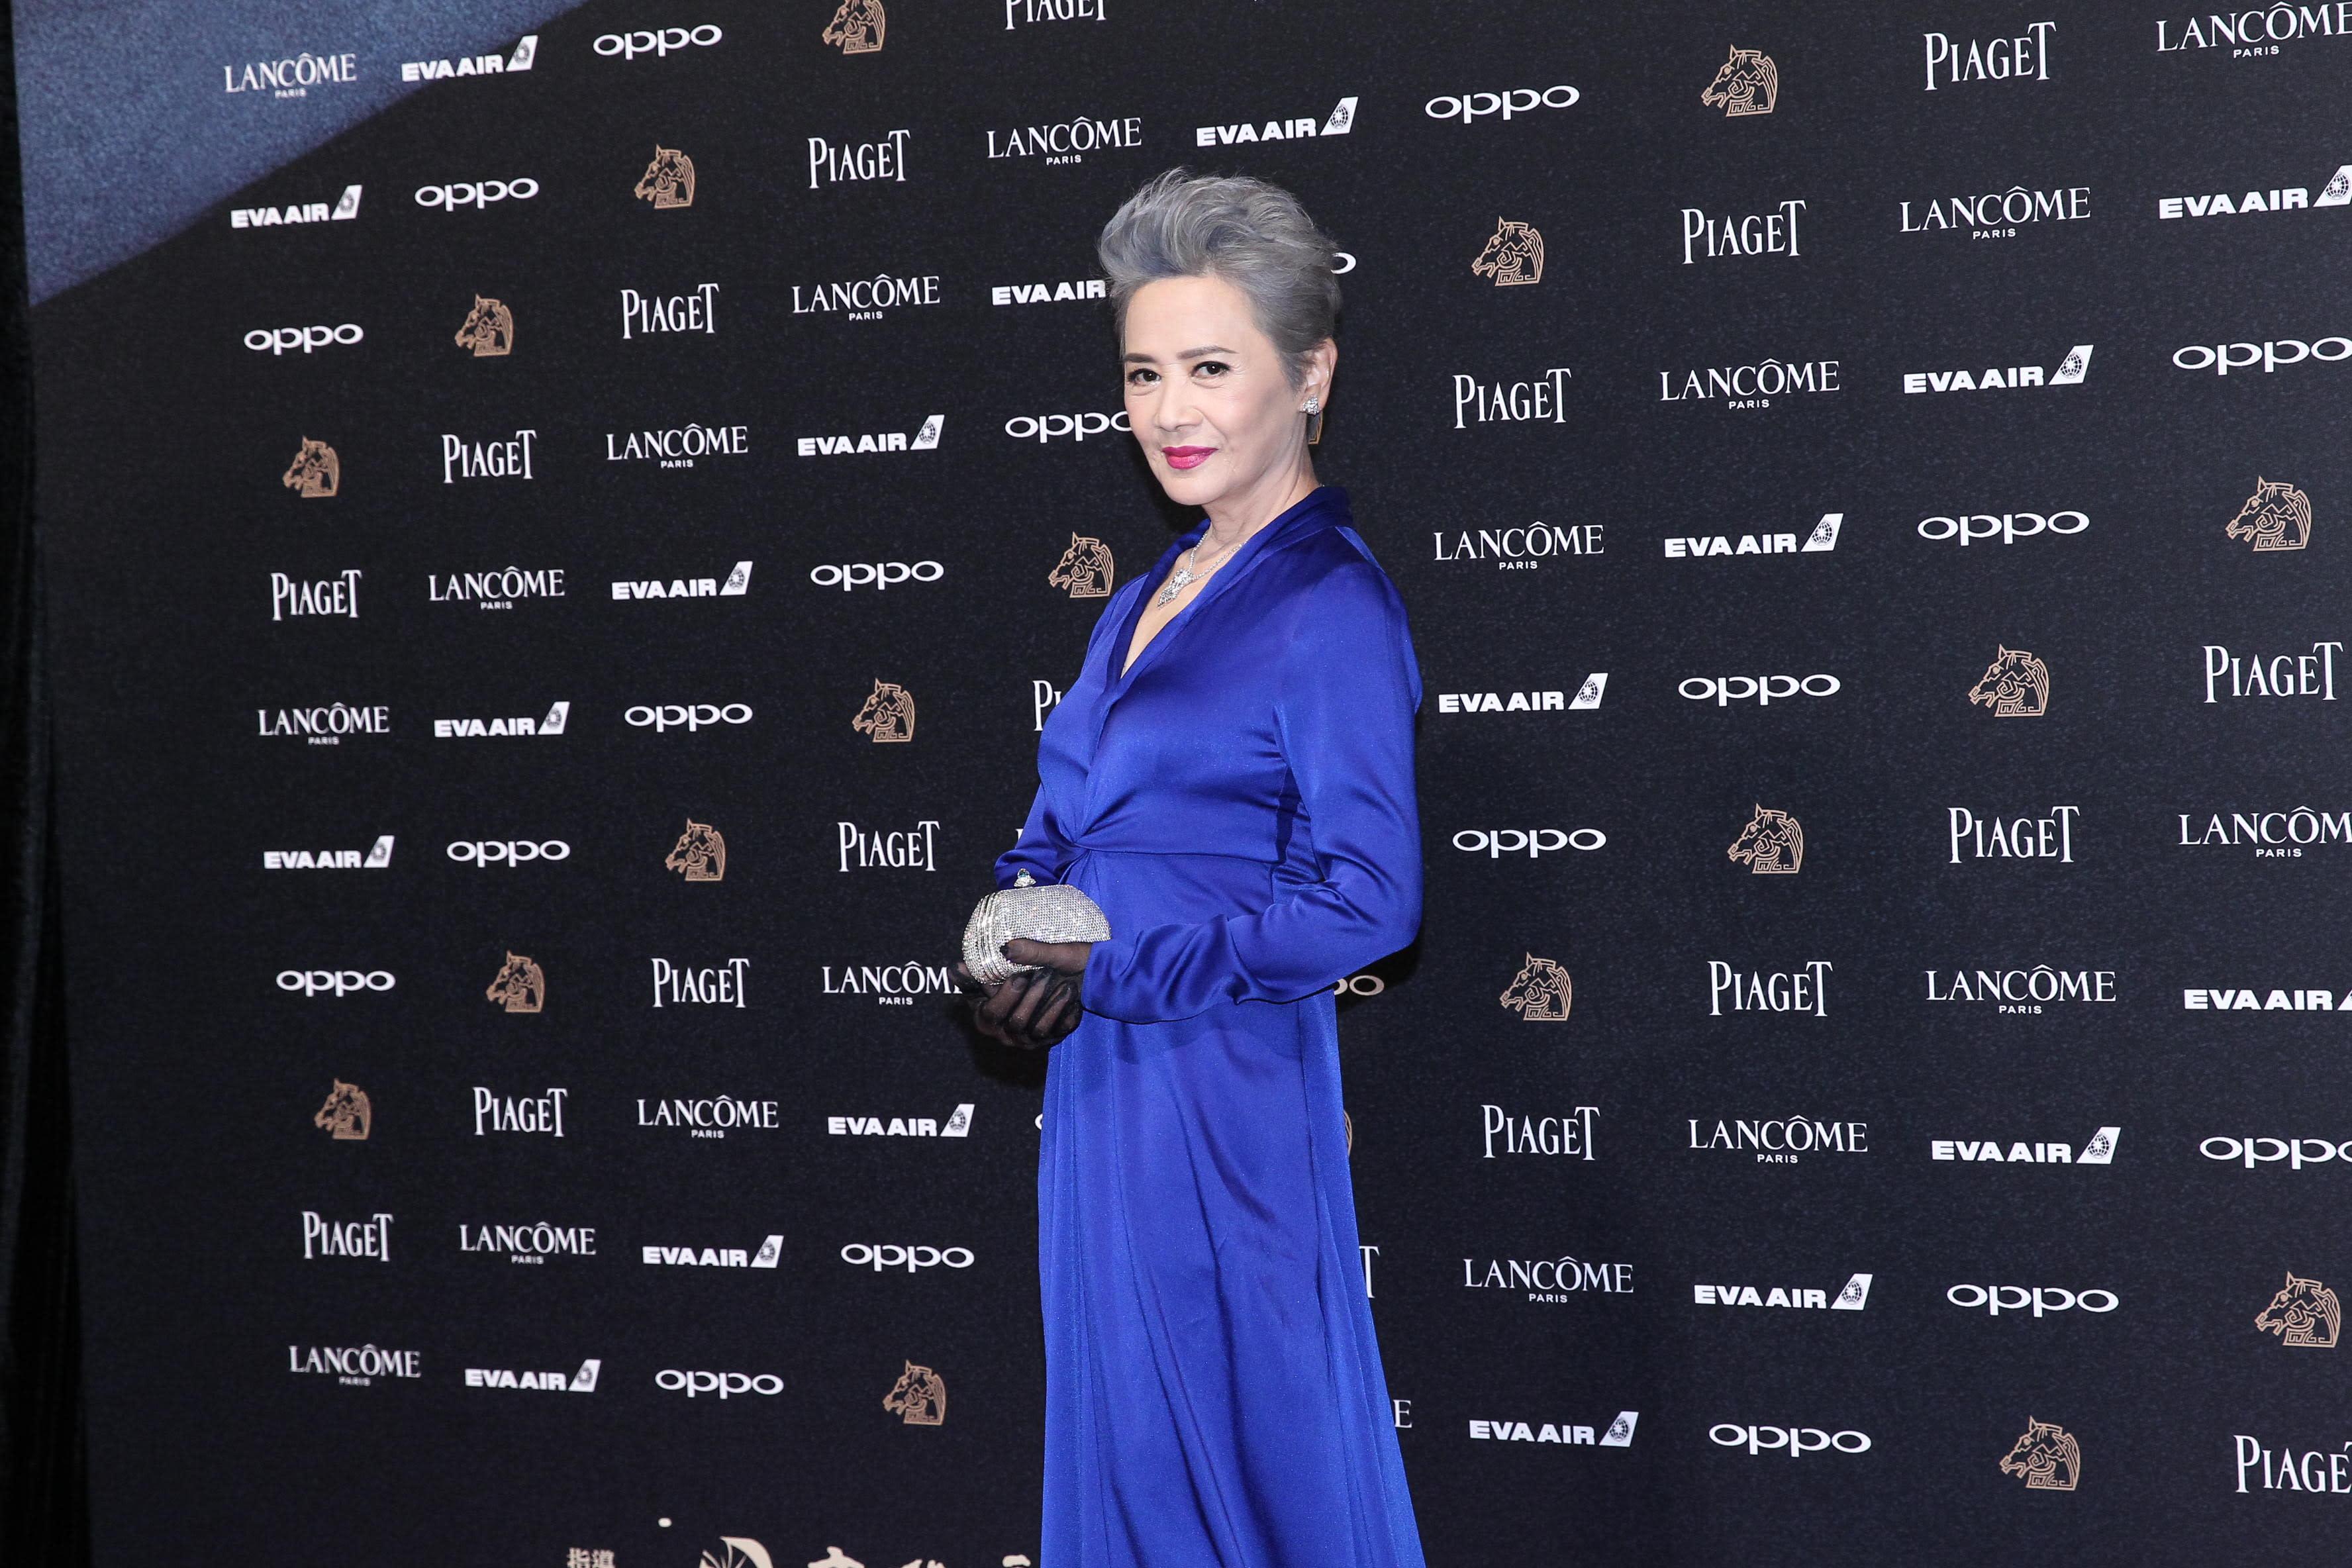 <p>另一位香港資深女演員,憑《明月幾時有》入圍的葉德嫻,也用超閃亮的白鑽撐起紅毯時尚,梳理整齊的灰白髮,讓她不顯老態反而自帶女王般的氣勢(影像提供:達志影像) </p>